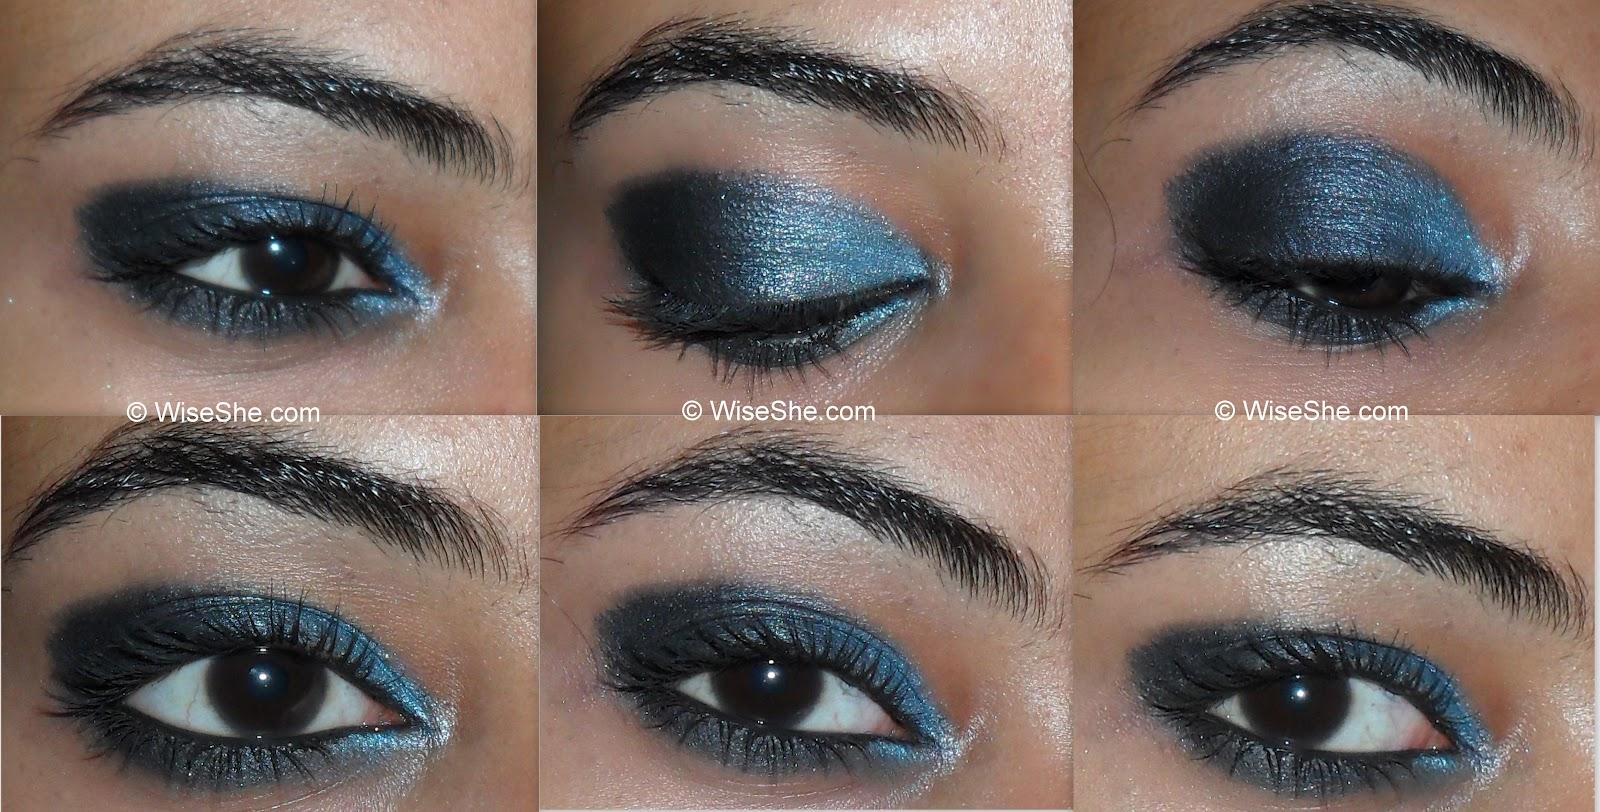 http://2.bp.blogspot.com/-4FP0Odsj8h0/T2WDbKBRQzI/AAAAAAAABsM/AKVGRh1YA4k/s1600/Avril+Lavigne+Inspired2.jpg